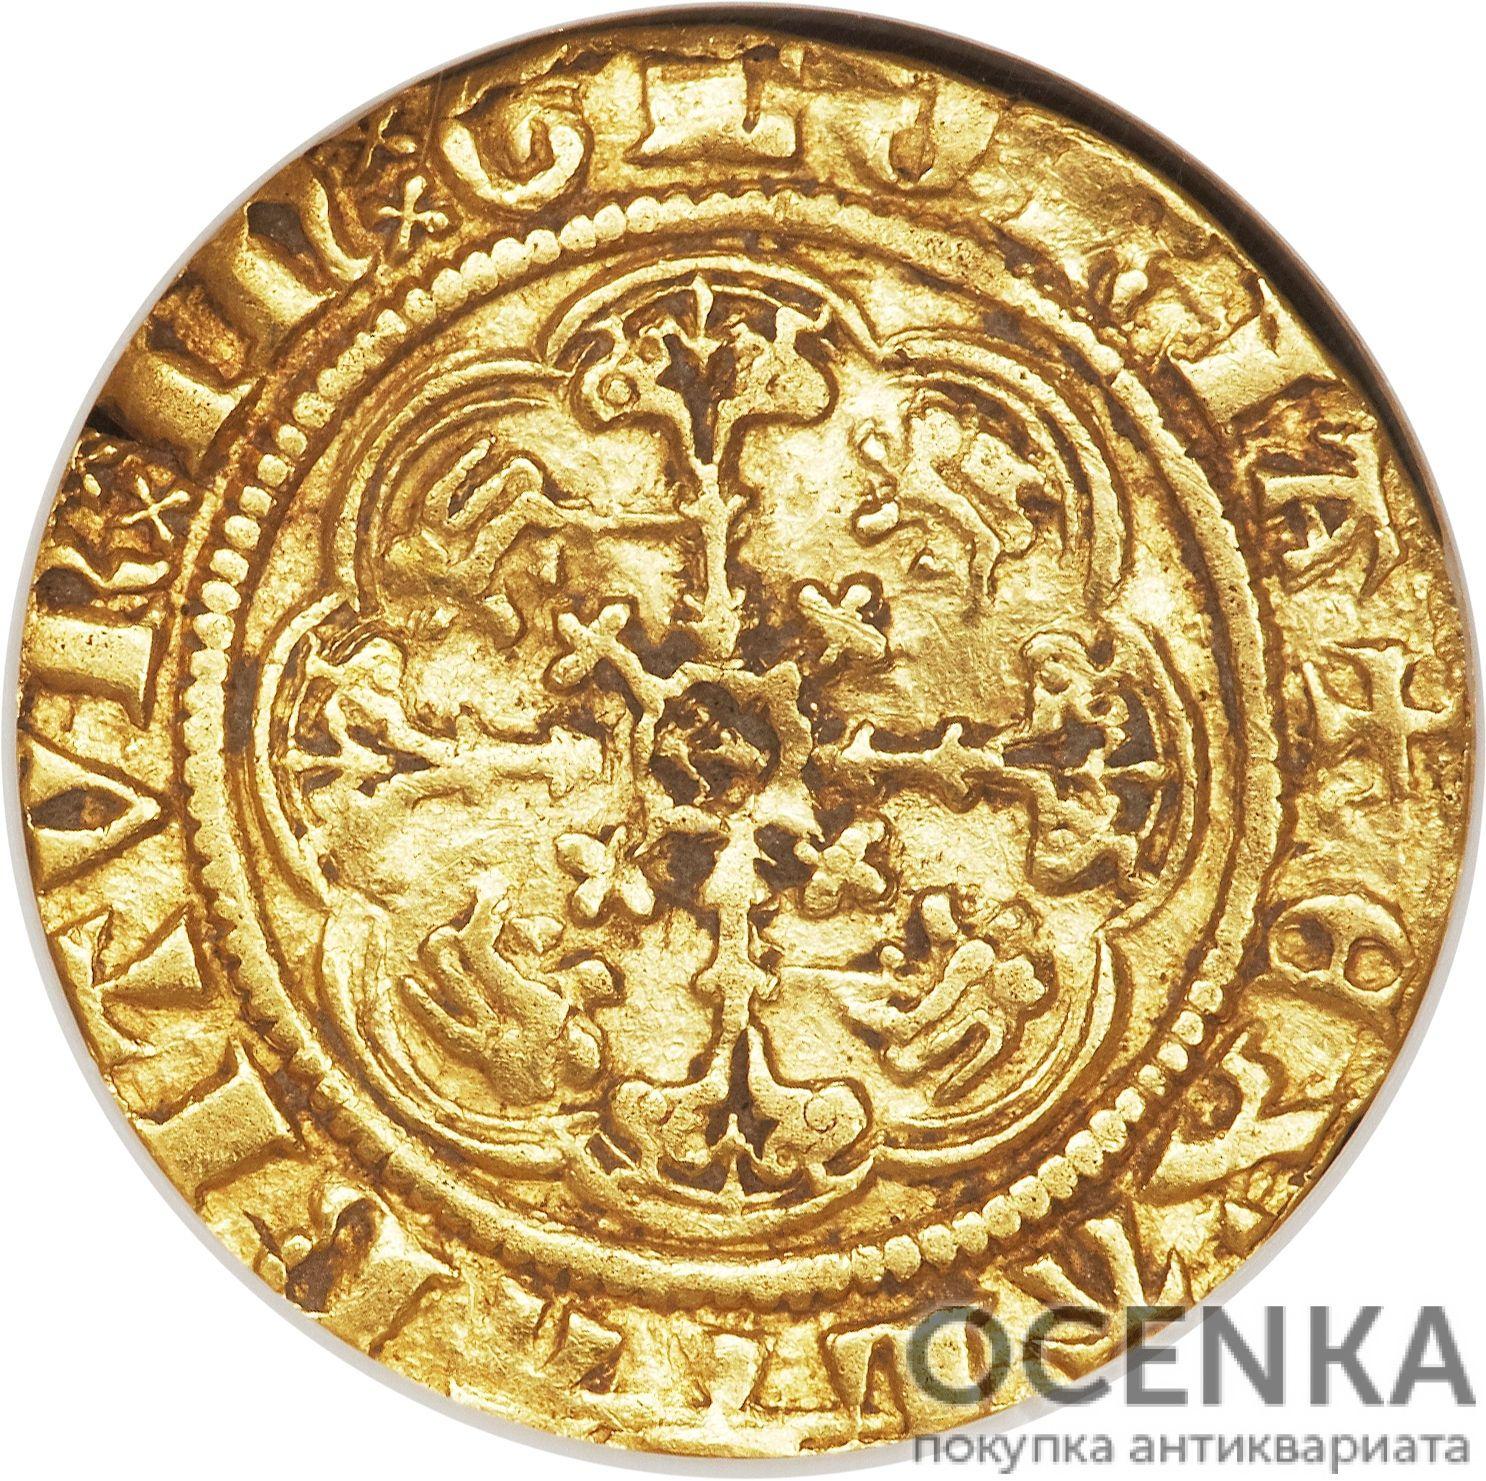 Золотая монета ¼ Noble (1/4 нобля) Великобритания - 2